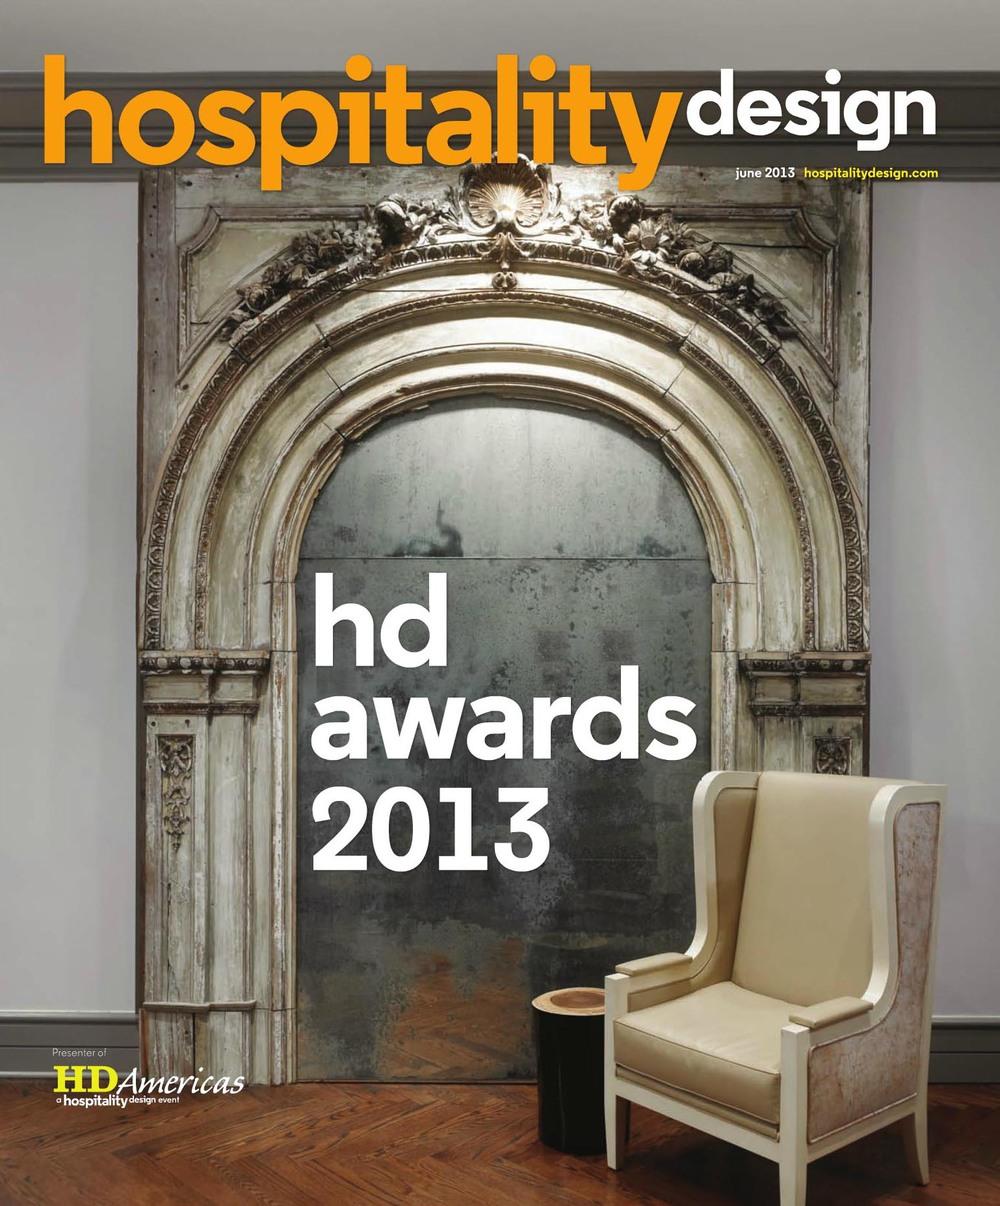 Hospitality Design - June 2013.jpg